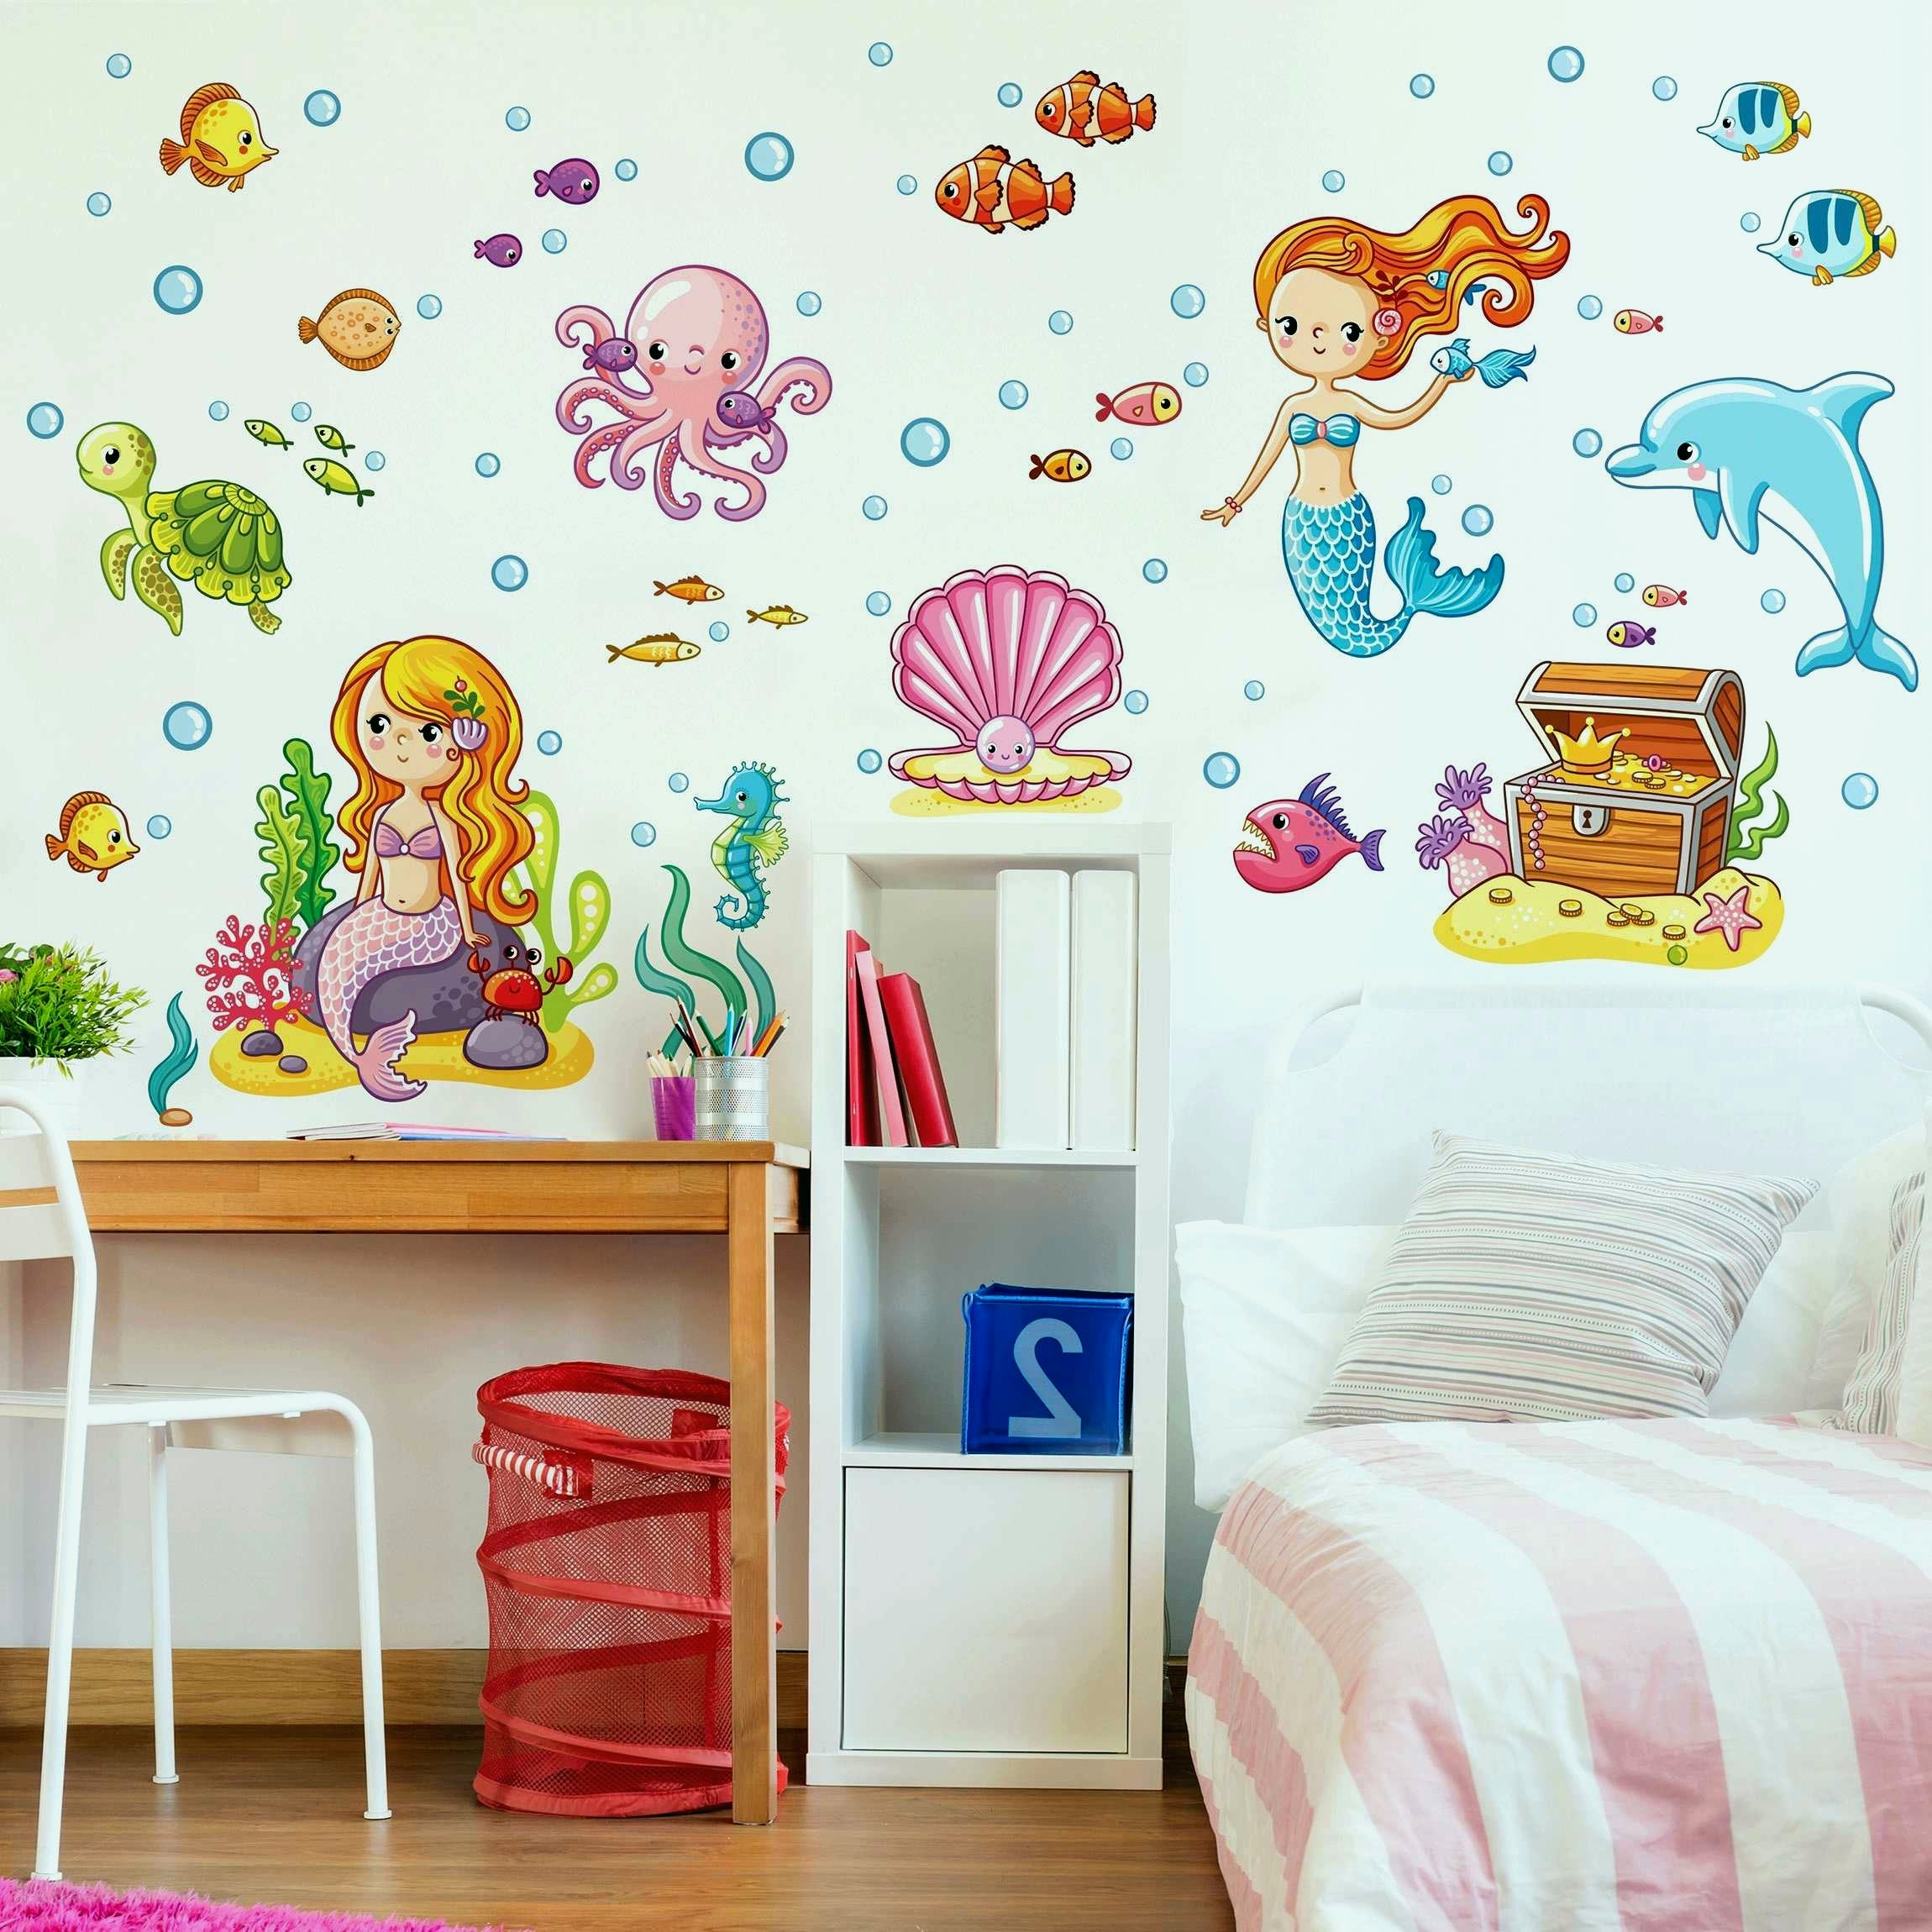 Full Size of Wandbilder Schlafzimmer Kinderzimmer Regal Regale Sofa Weiß Wohnzimmer Wandbild Kinderzimmer Wandbild Kinderzimmer